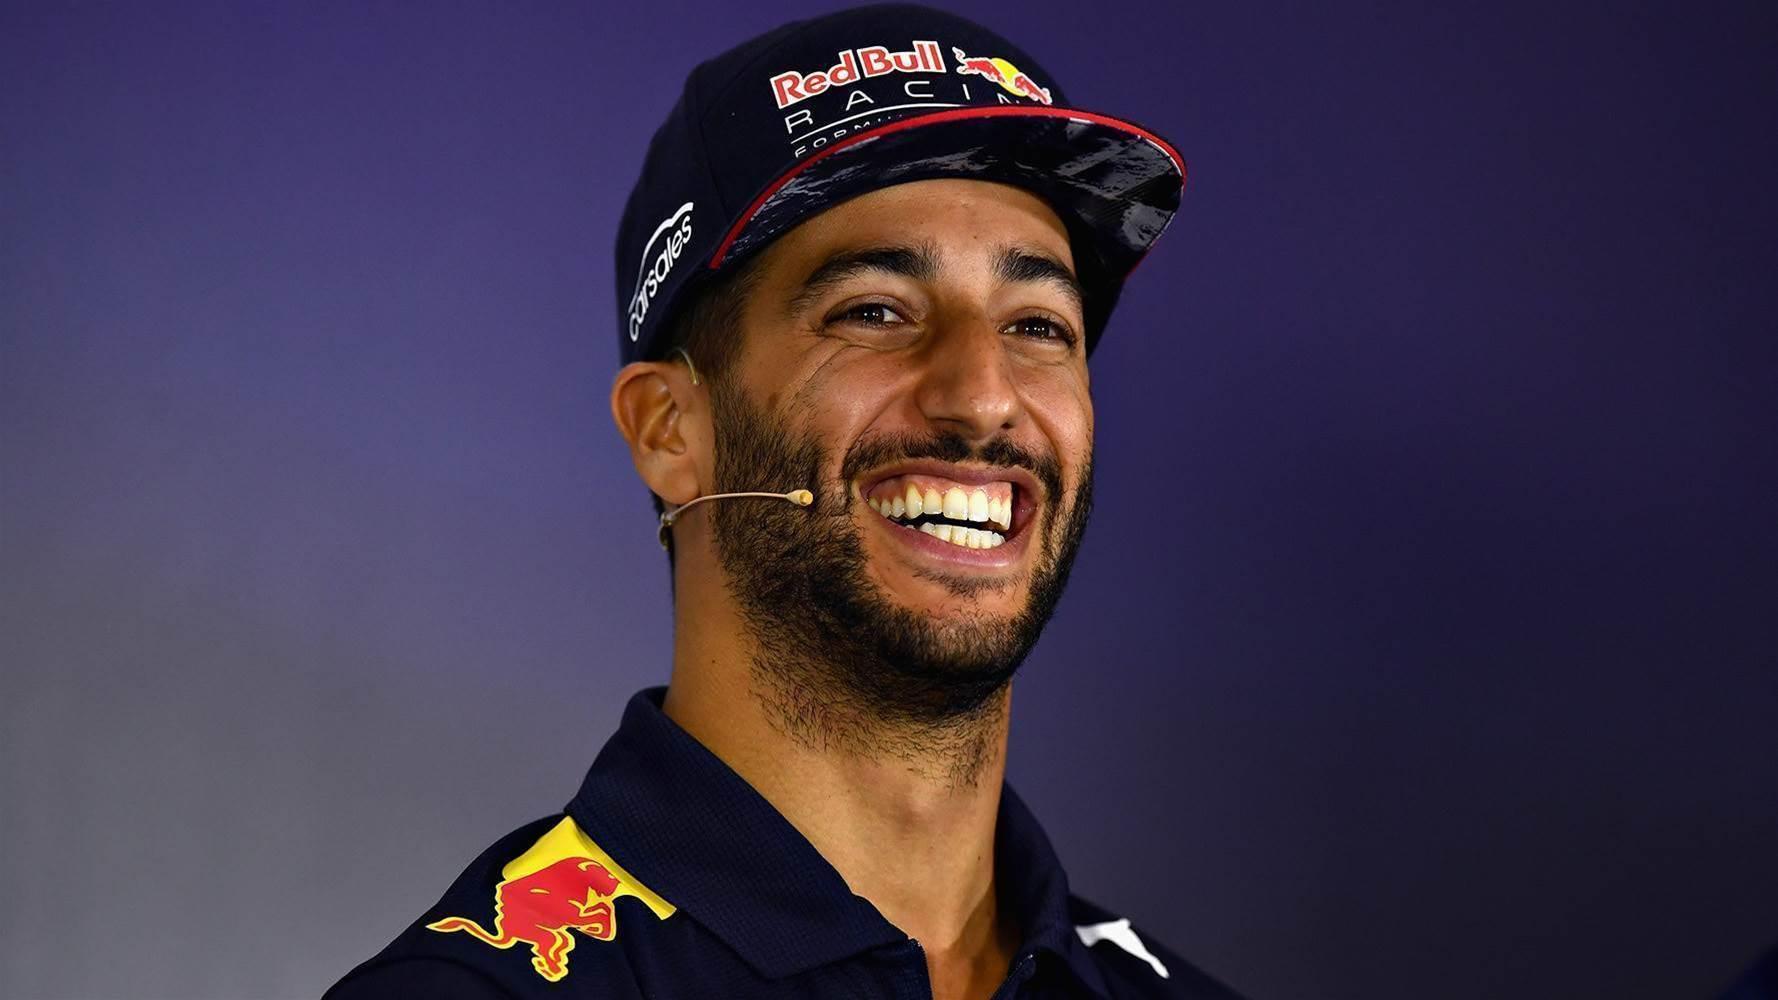 Ricciardo: The king of fair play